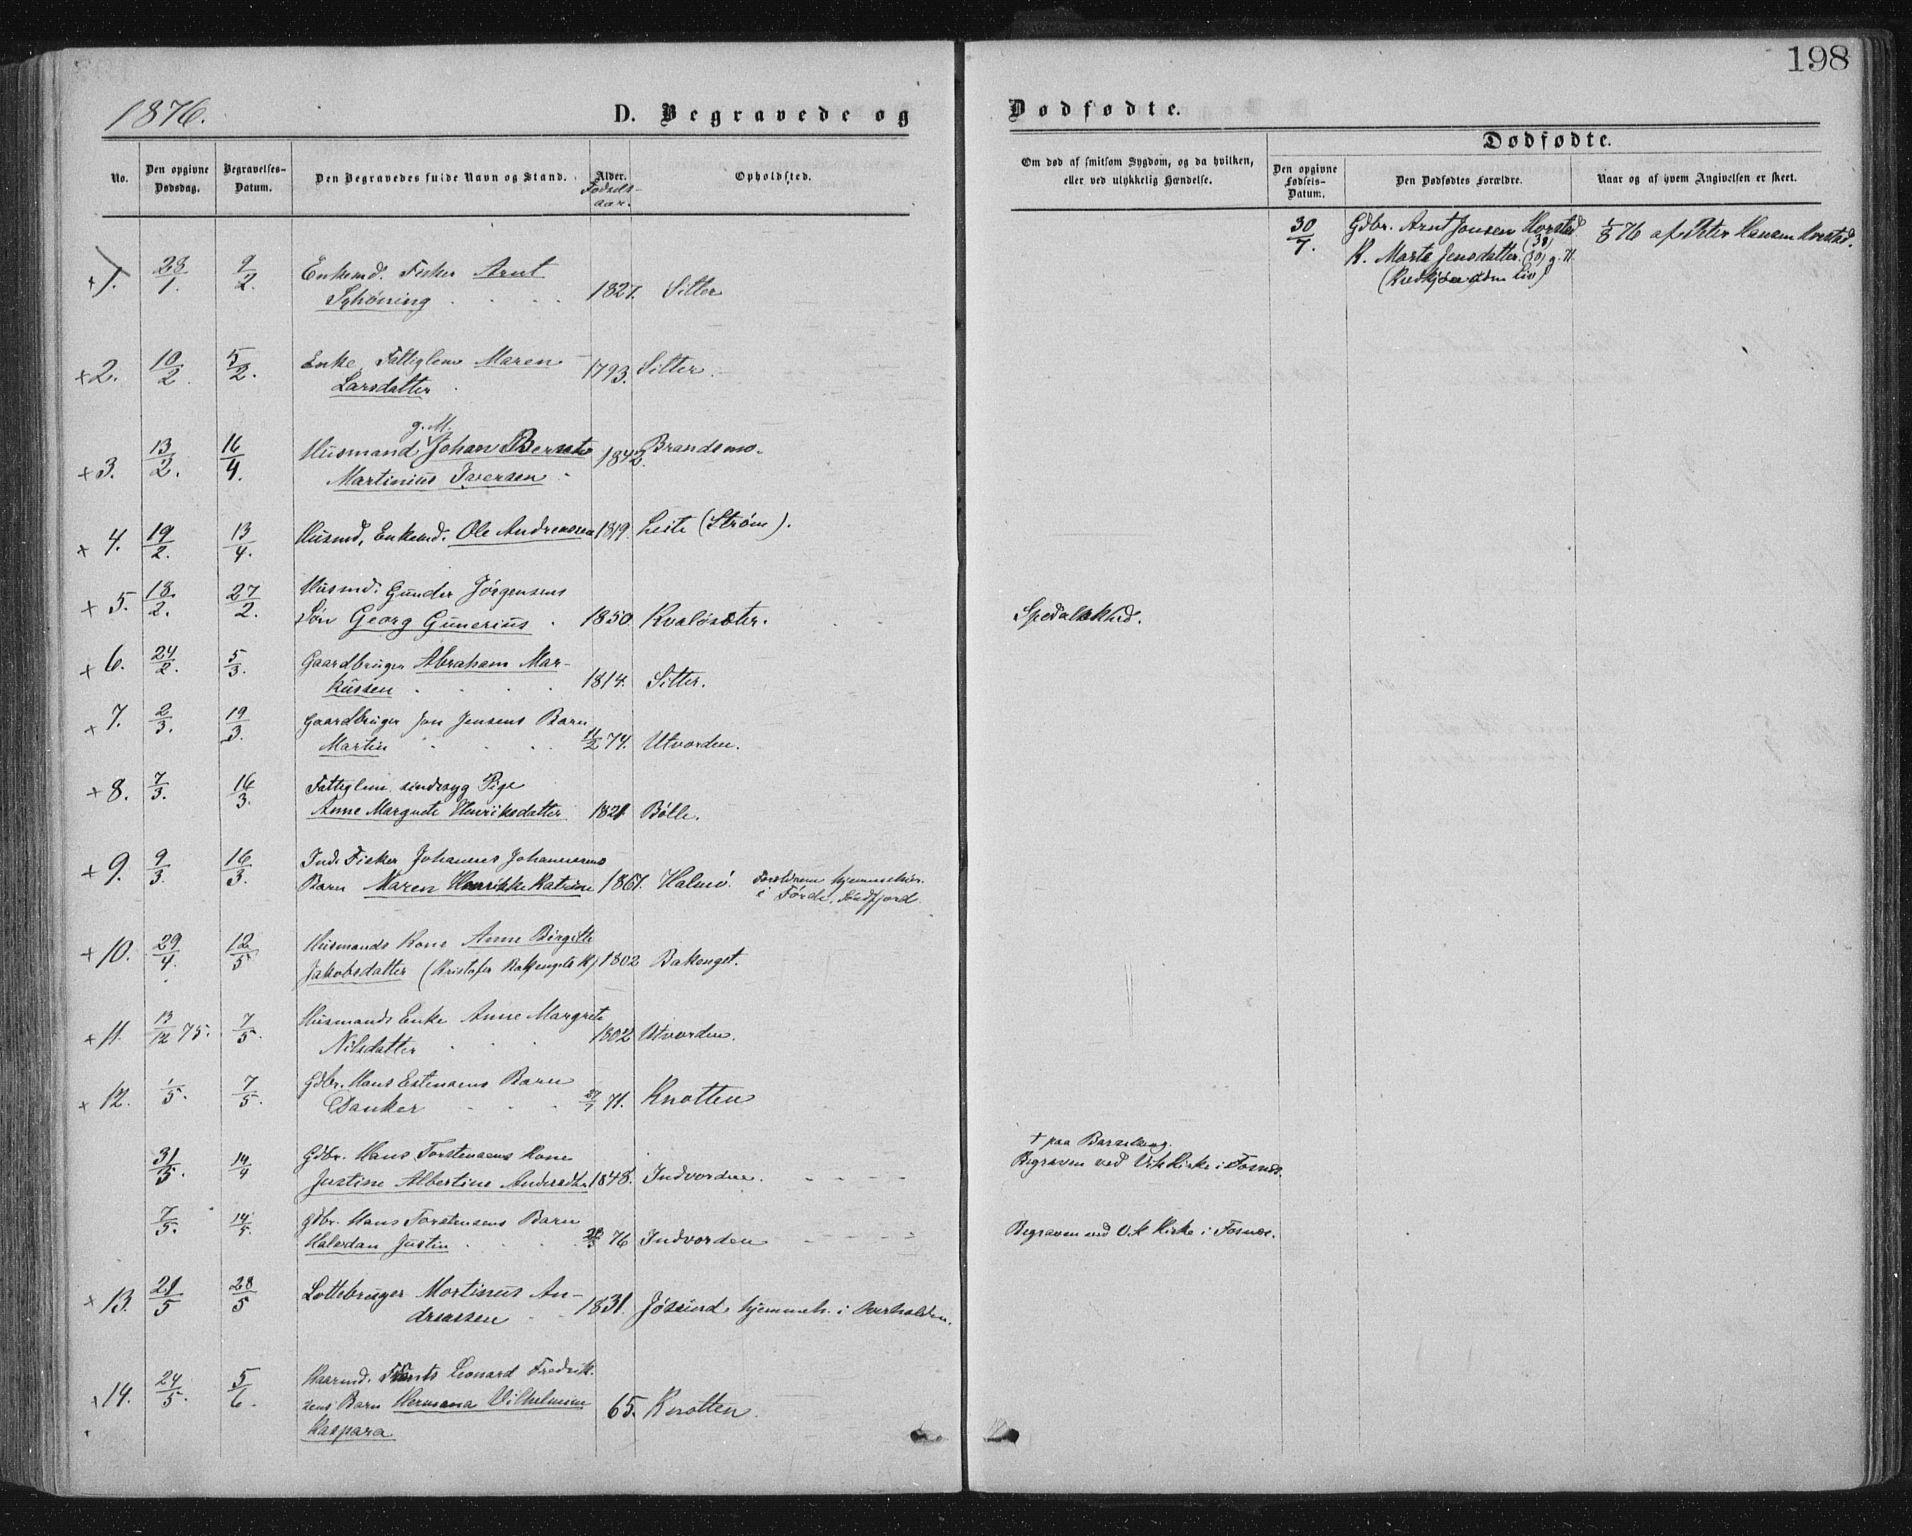 SAT, Ministerialprotokoller, klokkerbøker og fødselsregistre - Nord-Trøndelag, 771/L0596: Ministerialbok nr. 771A03, 1870-1884, s. 198